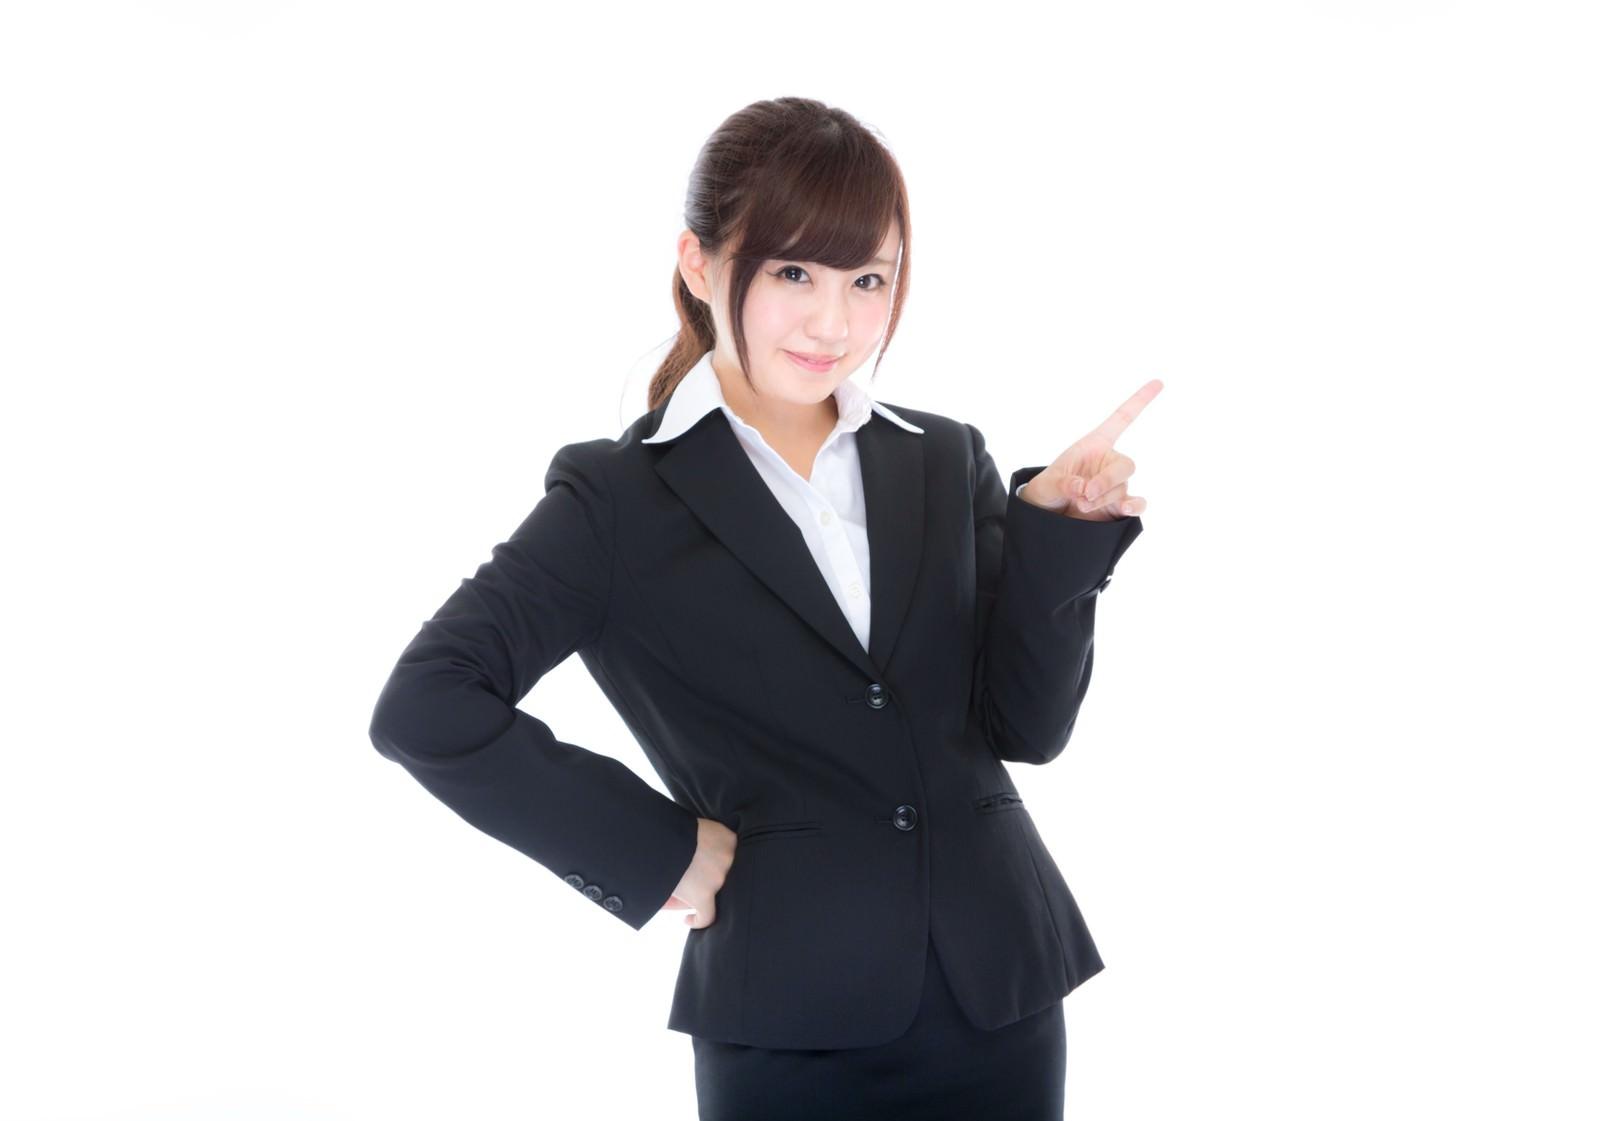 「指をさしてご案内するスーツ姿の受付指をさしてご案内するスーツ姿の受付」[モデル:河村友歌]のフリー写真素材を拡大